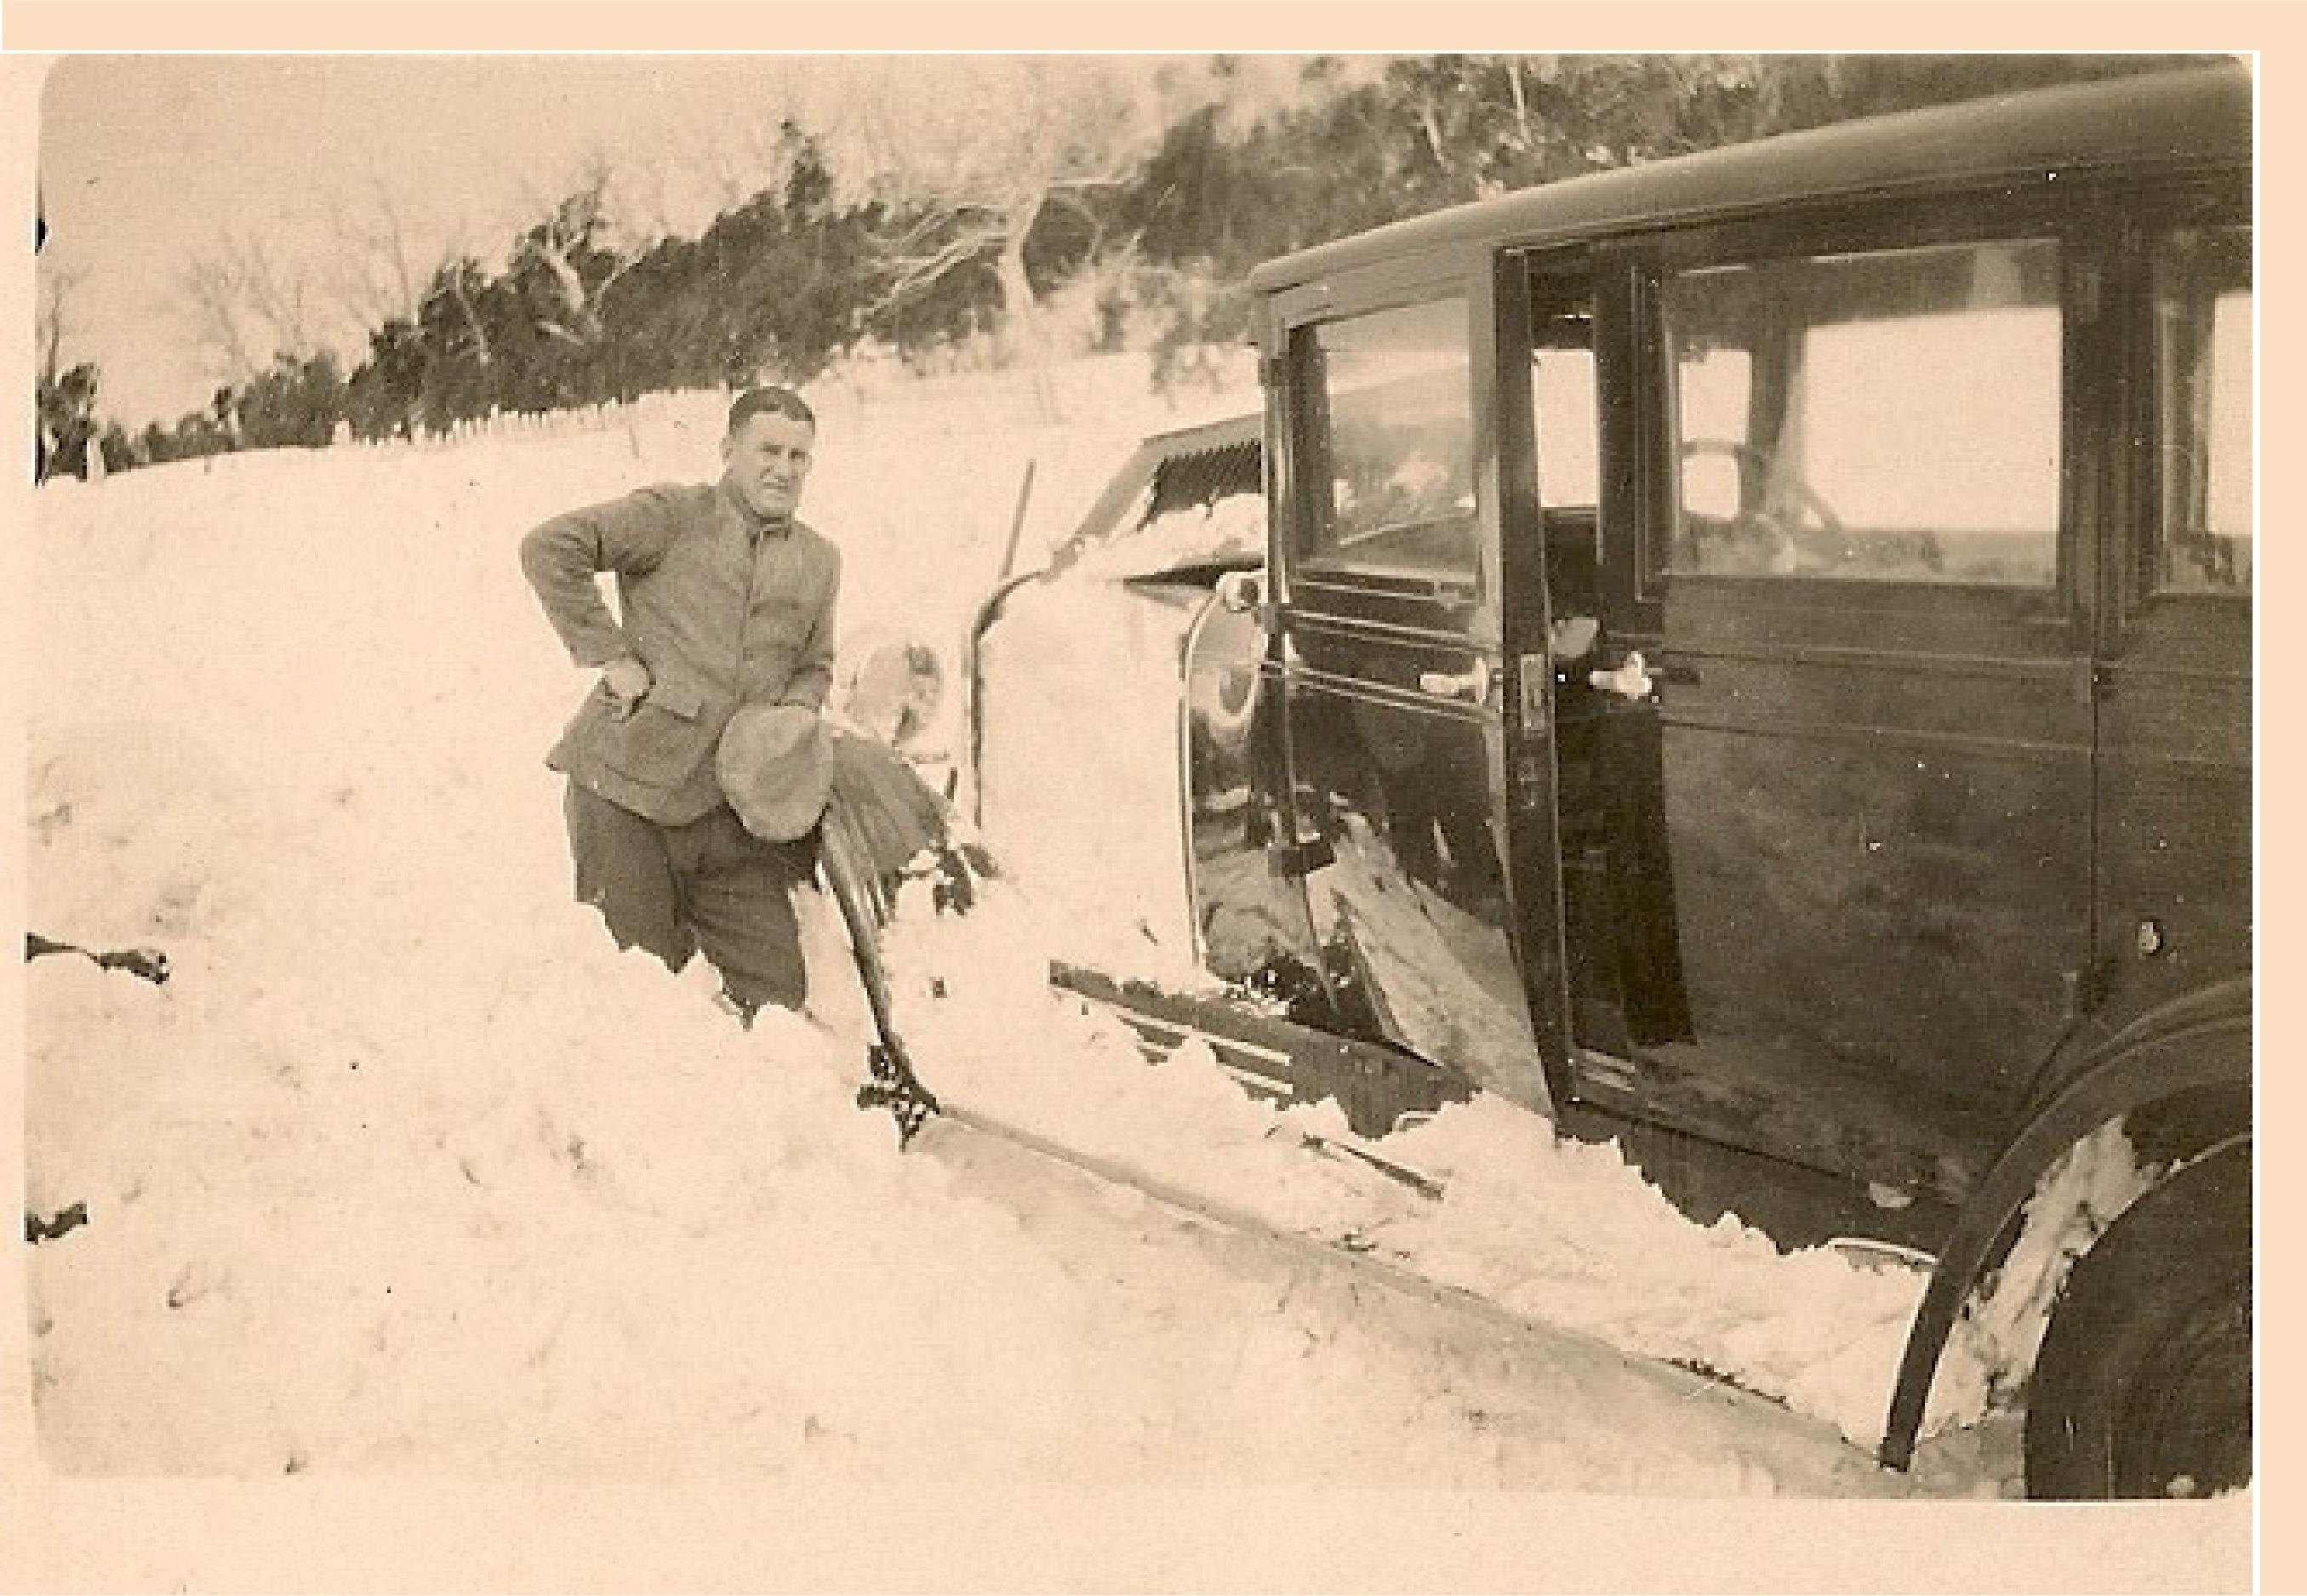 1930's Canberra Ralph Welch H-91